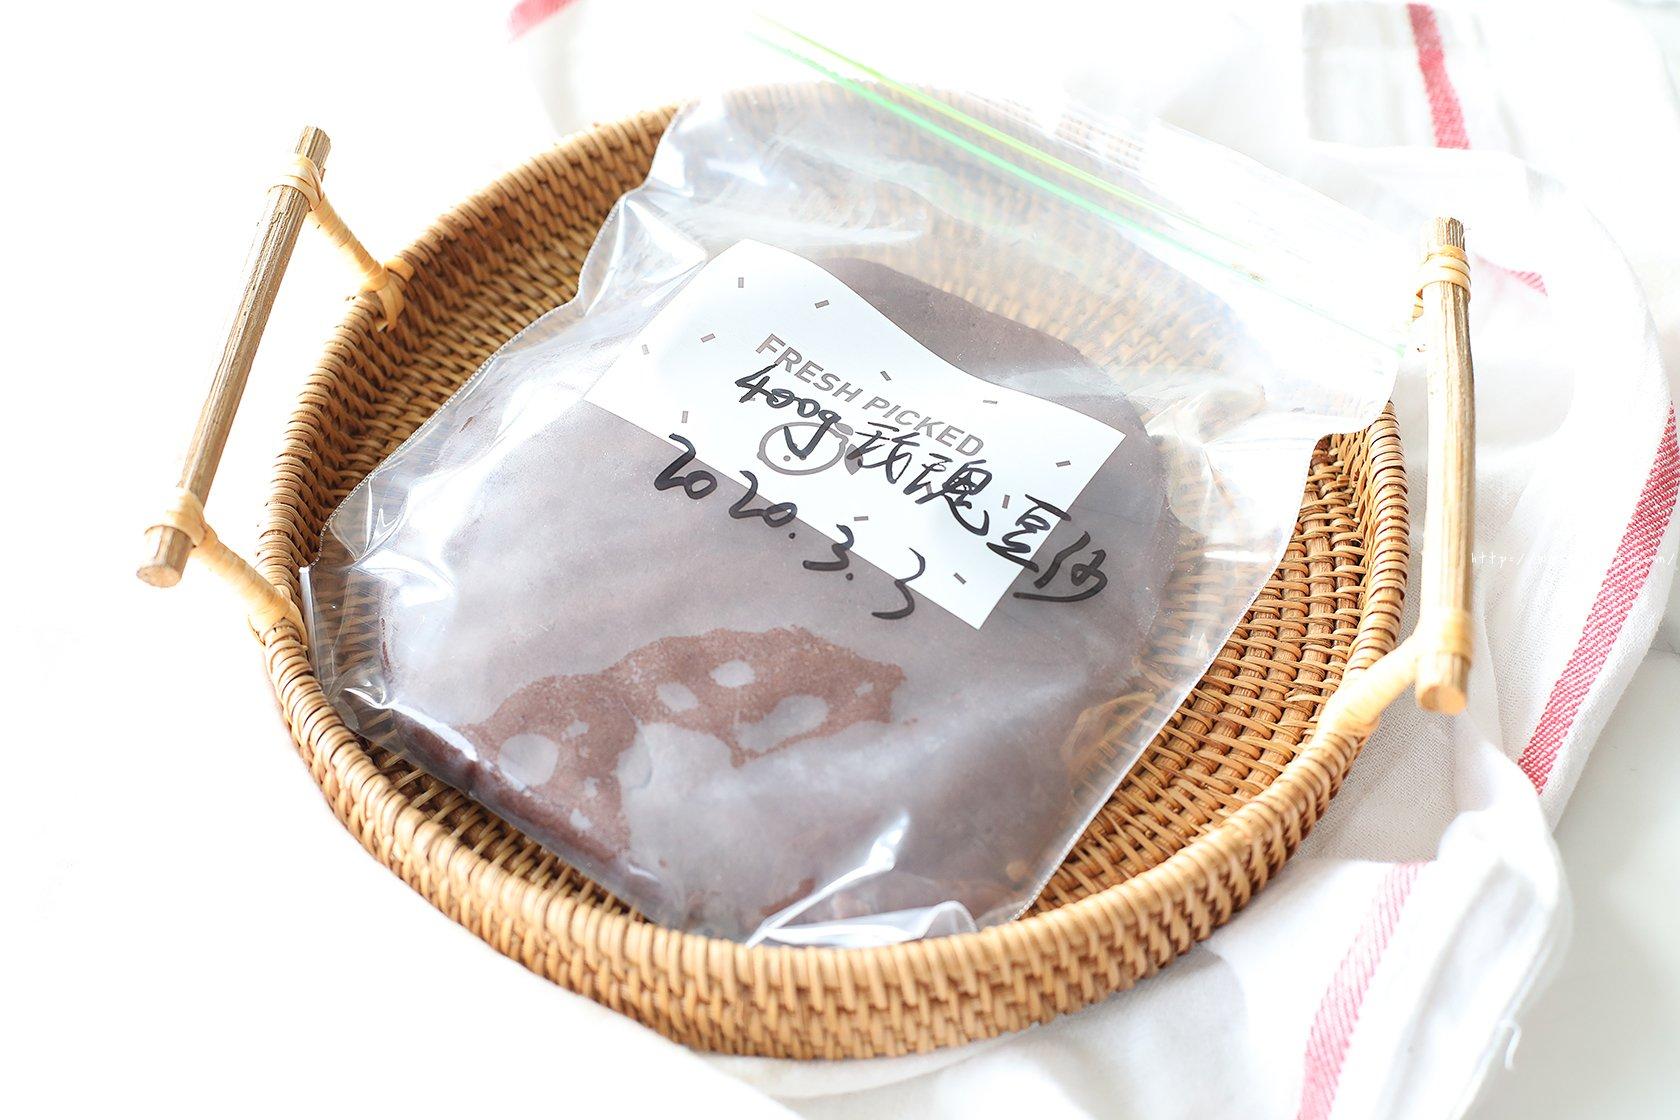 自制低油玫瑰豆沙【适合包子、青团、面包等】的做法 步骤18